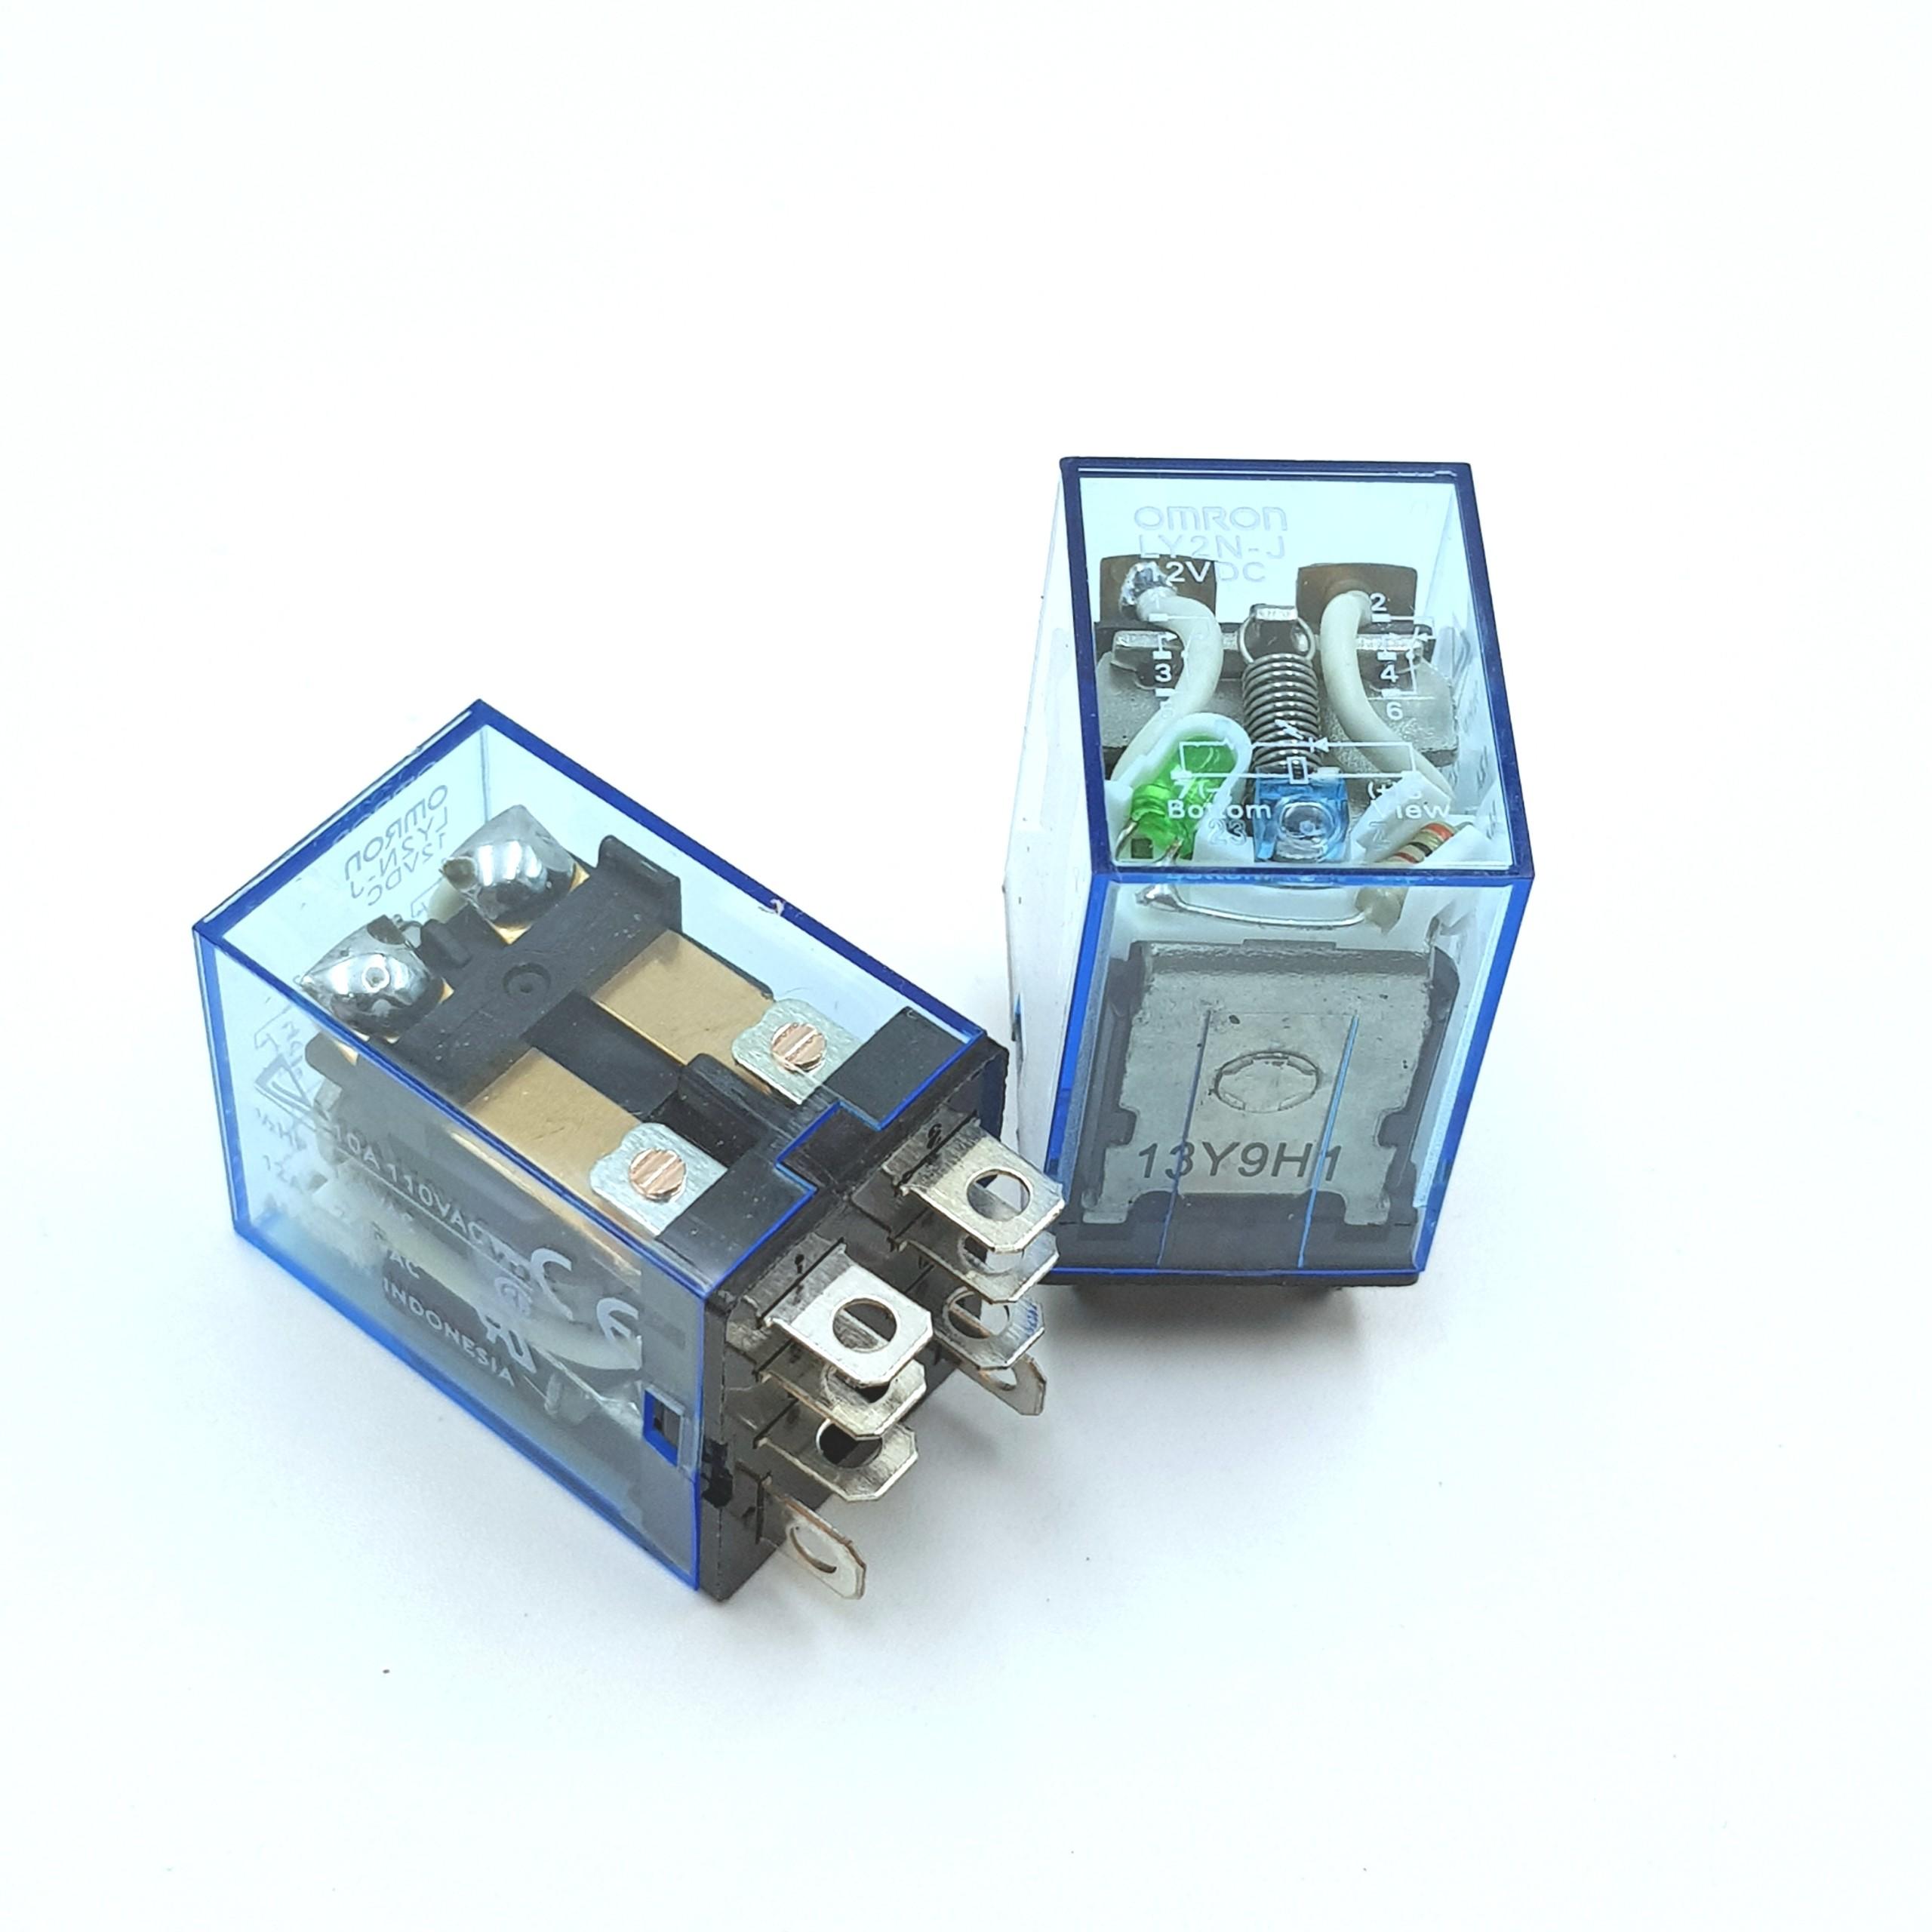 Relay trung gian LY2N-J -12VDC Chính Hãng Omron G7H16